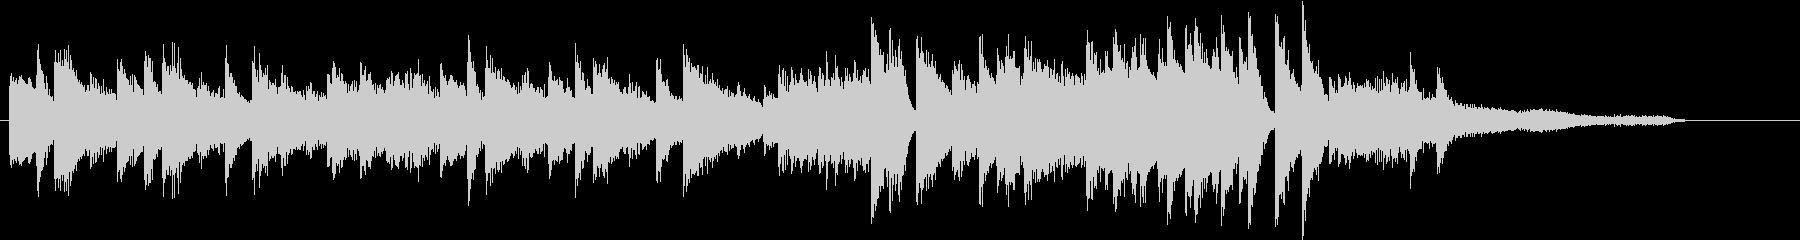 ウインターワンダーランドピアノジングルEの未再生の波形